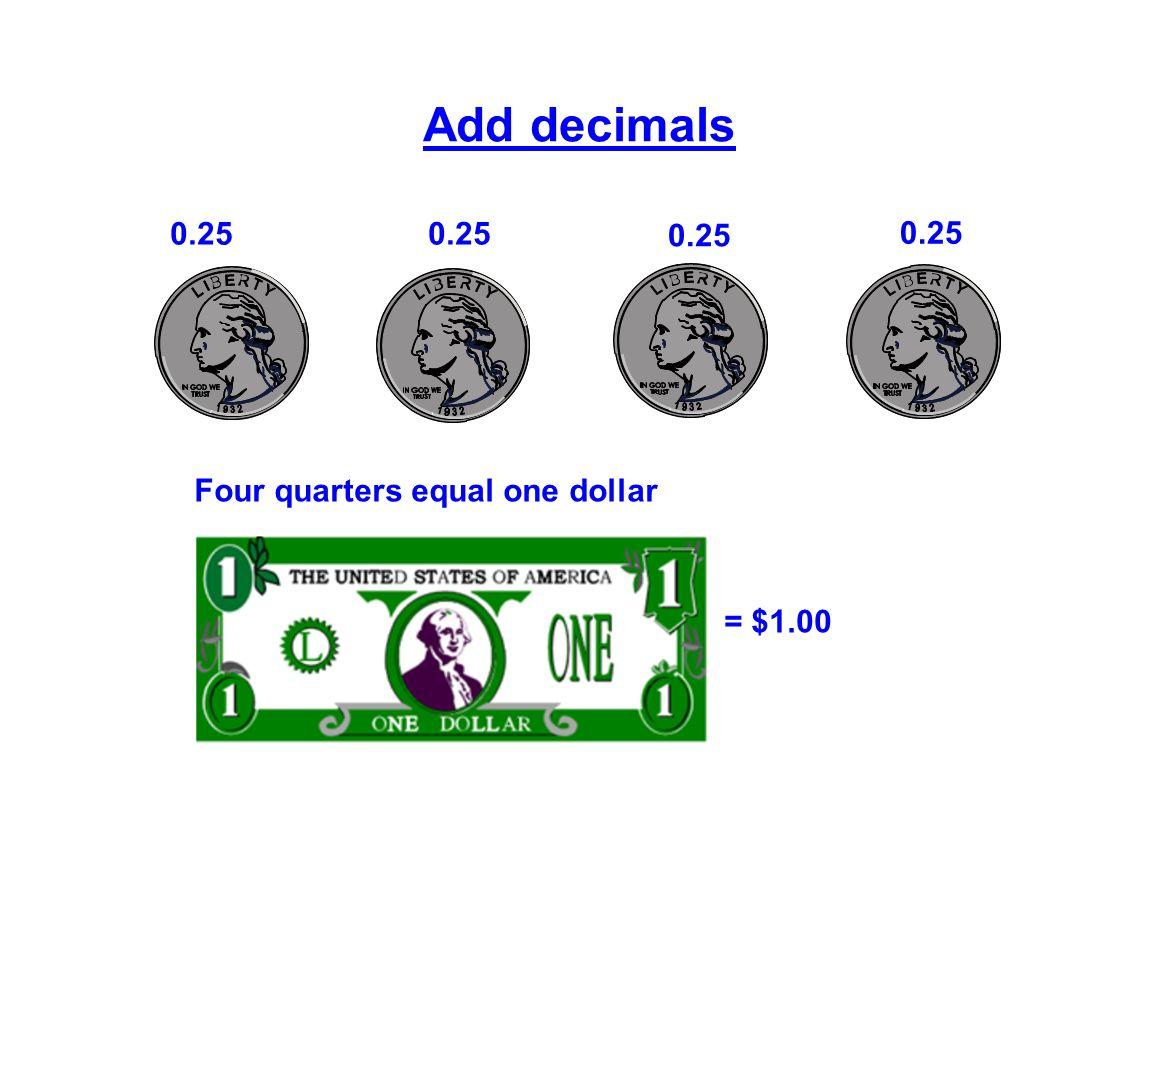 Add decimals 0.25 Four quarters equal one dollar = $1.00